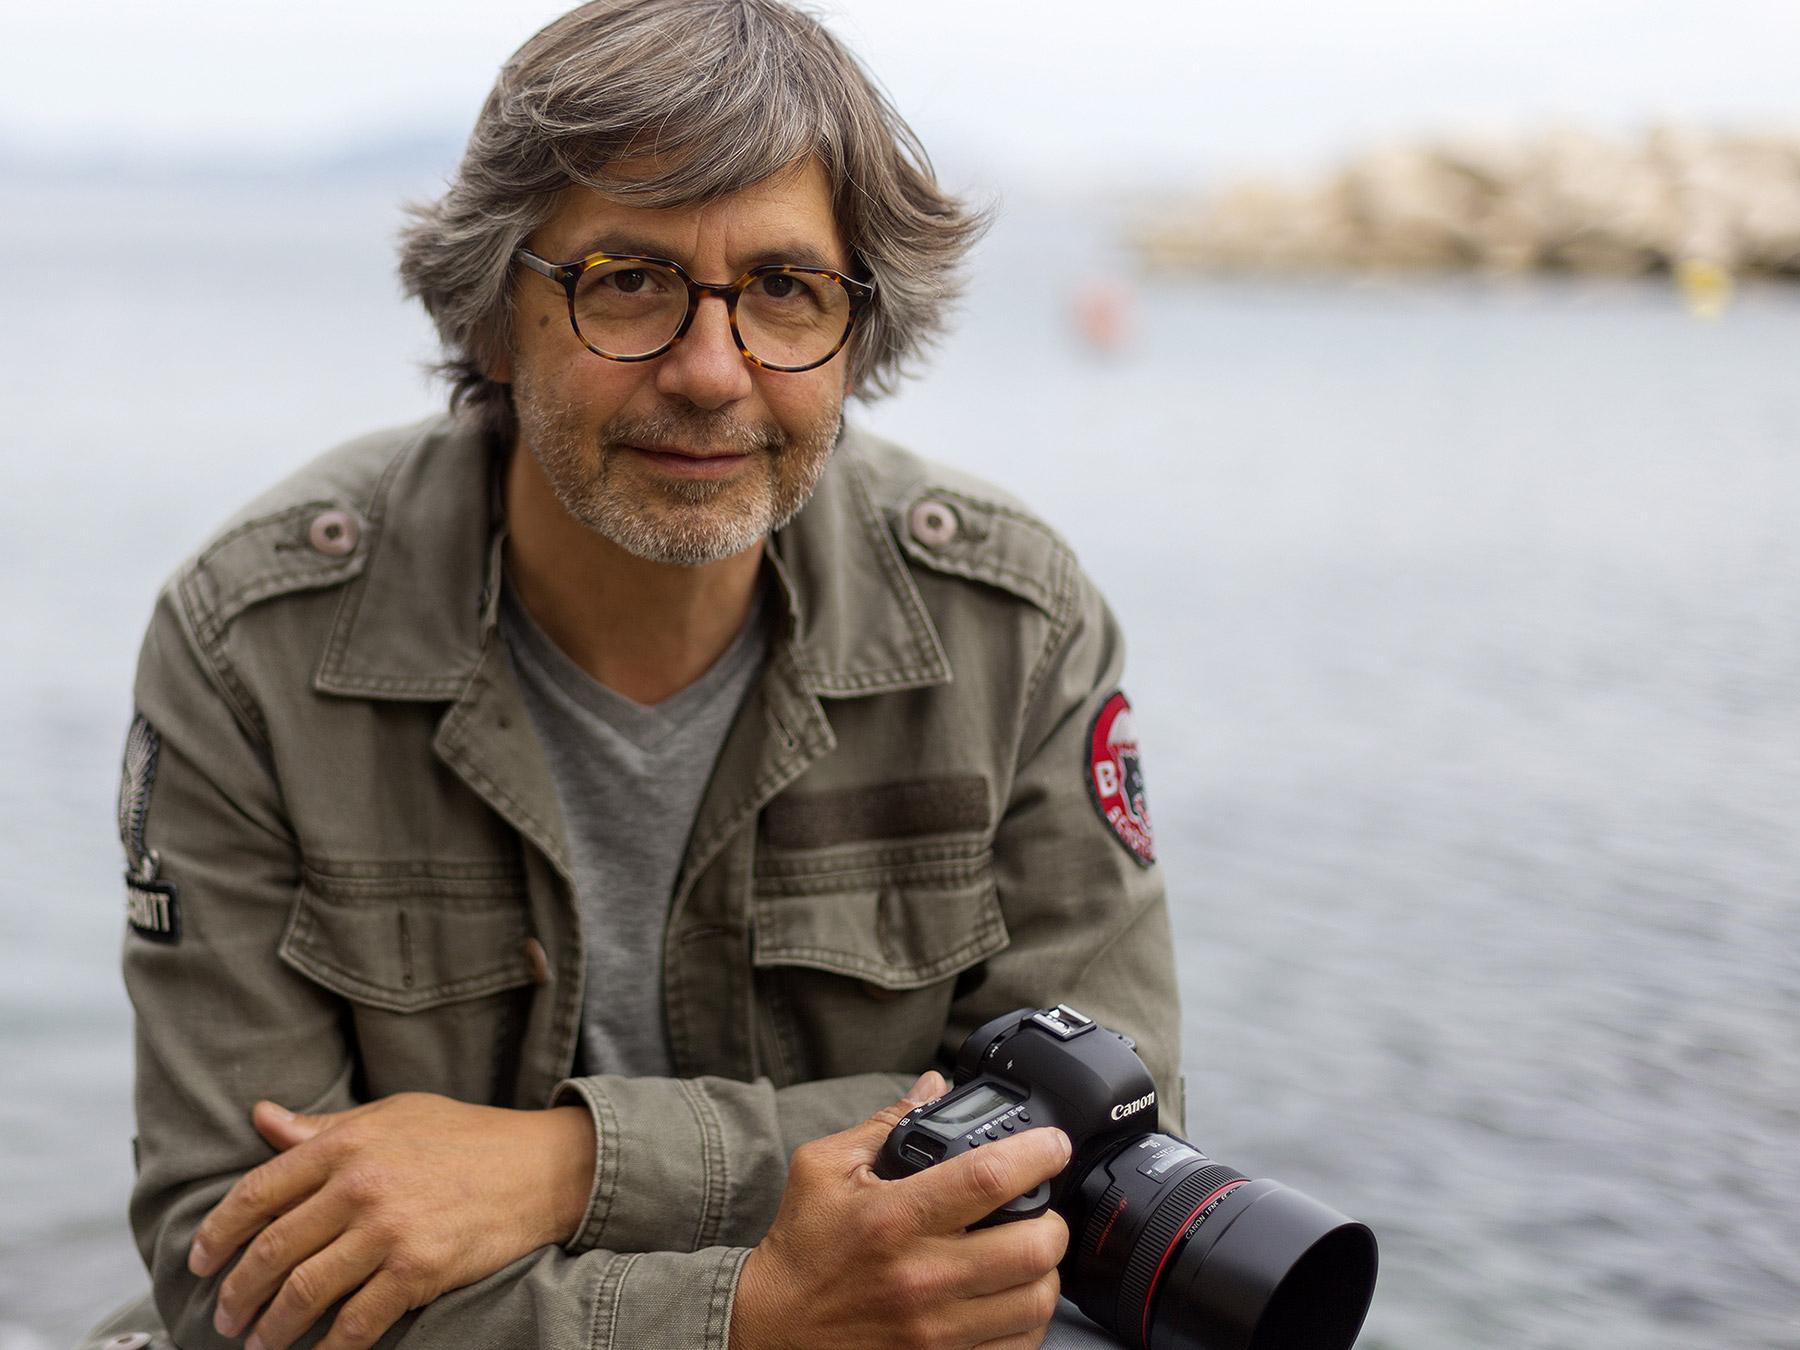 Camille Moirenc photographe - artiste exposition 438 notre littoral des Bouches du Rhône